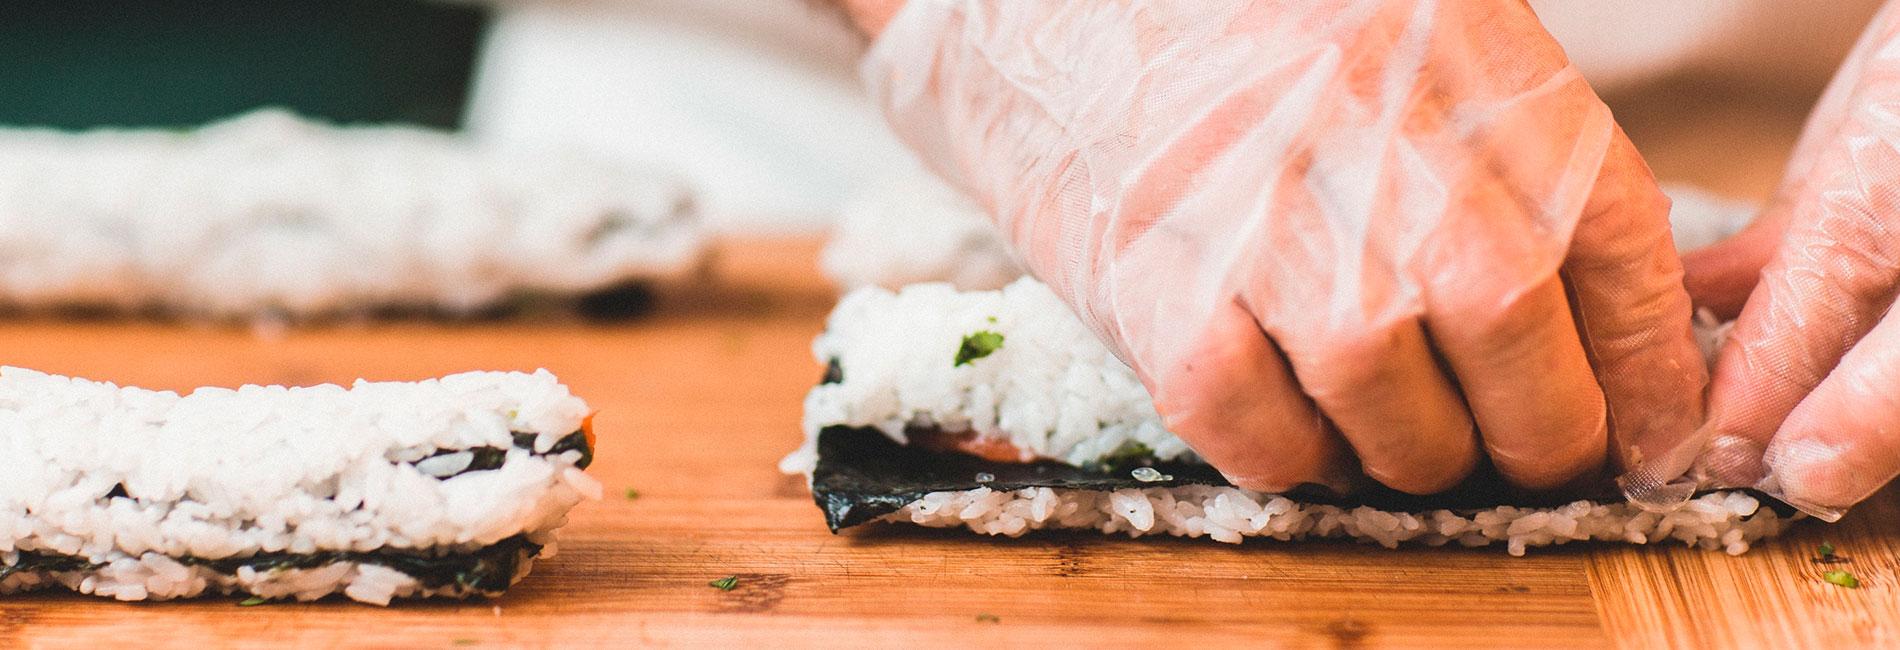 curso-cocina-sushi-japones-ecotur-ecuela-cocina turismo-valencia